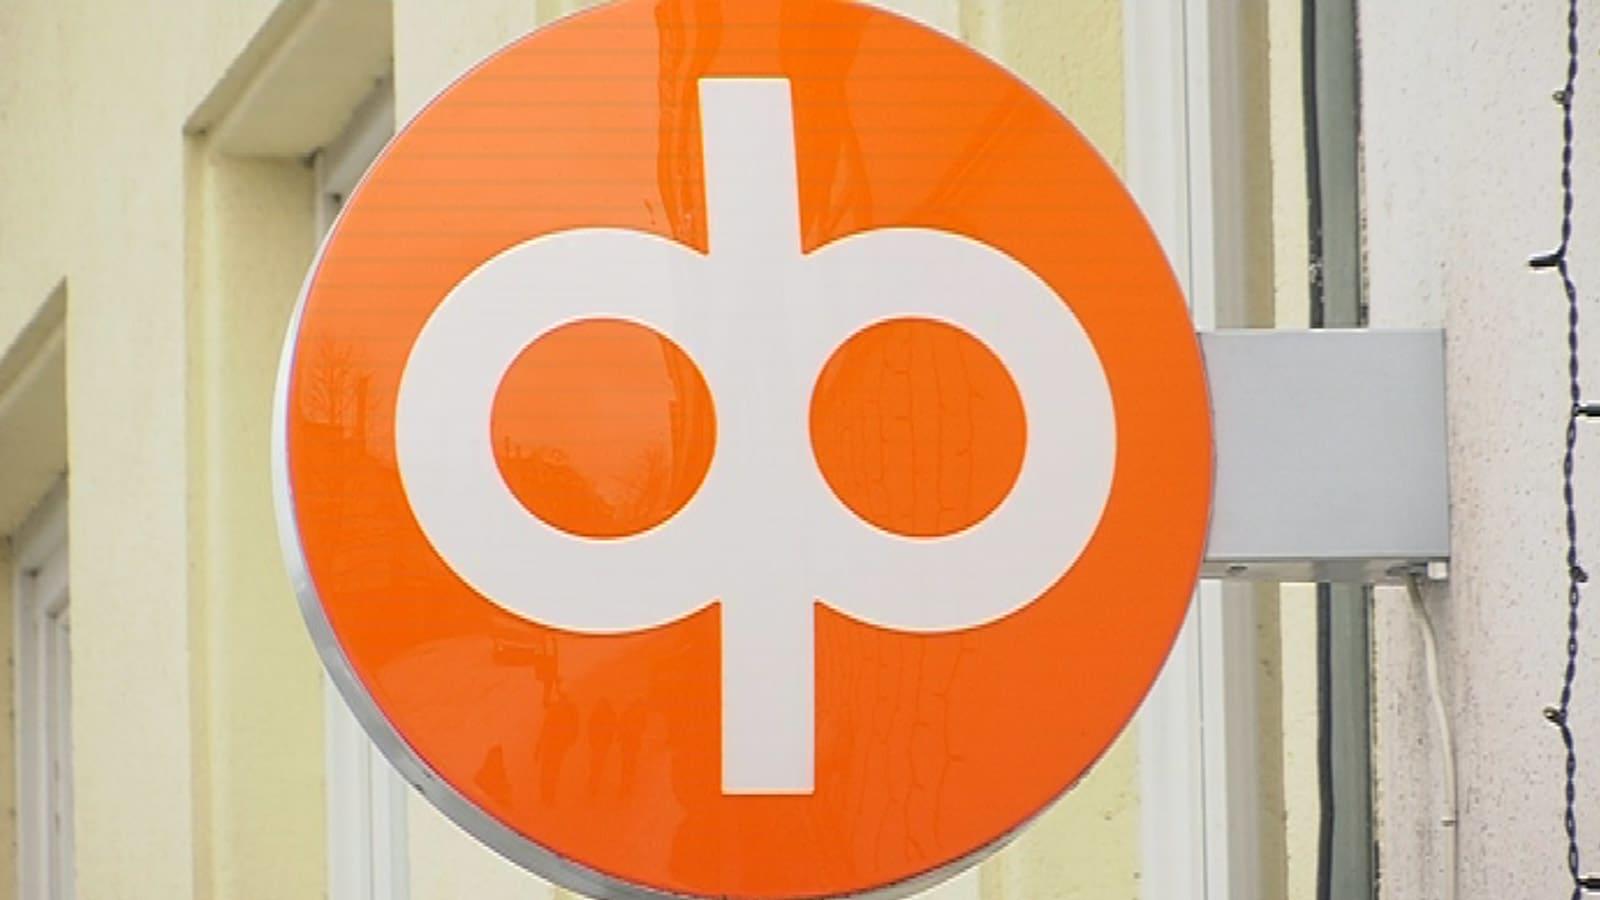 Osuuspankin logo pankin ulkoseinässä